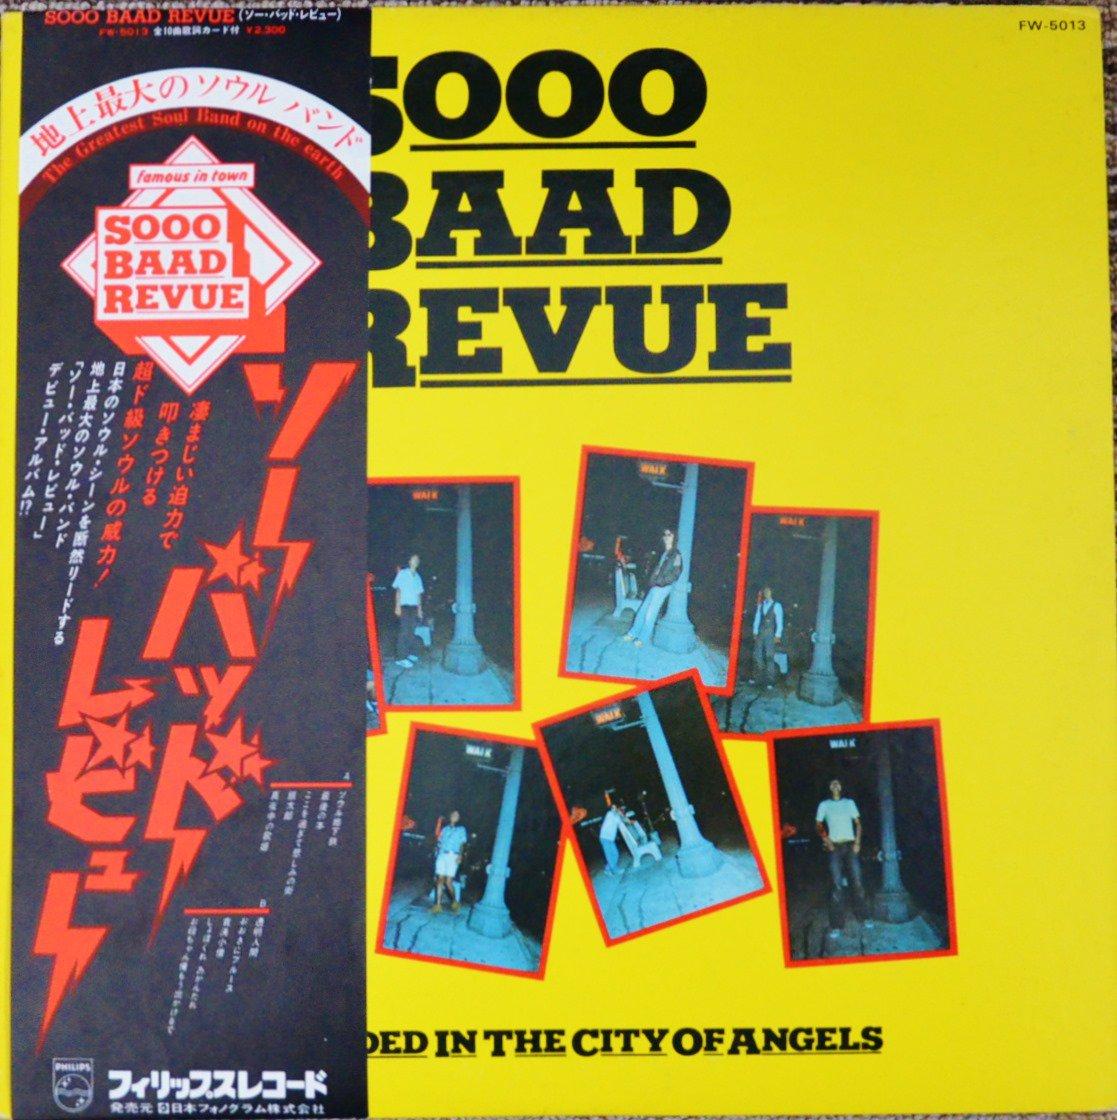 ソー・バッド・レビュー / SOOO BAAD REVUE (LP)